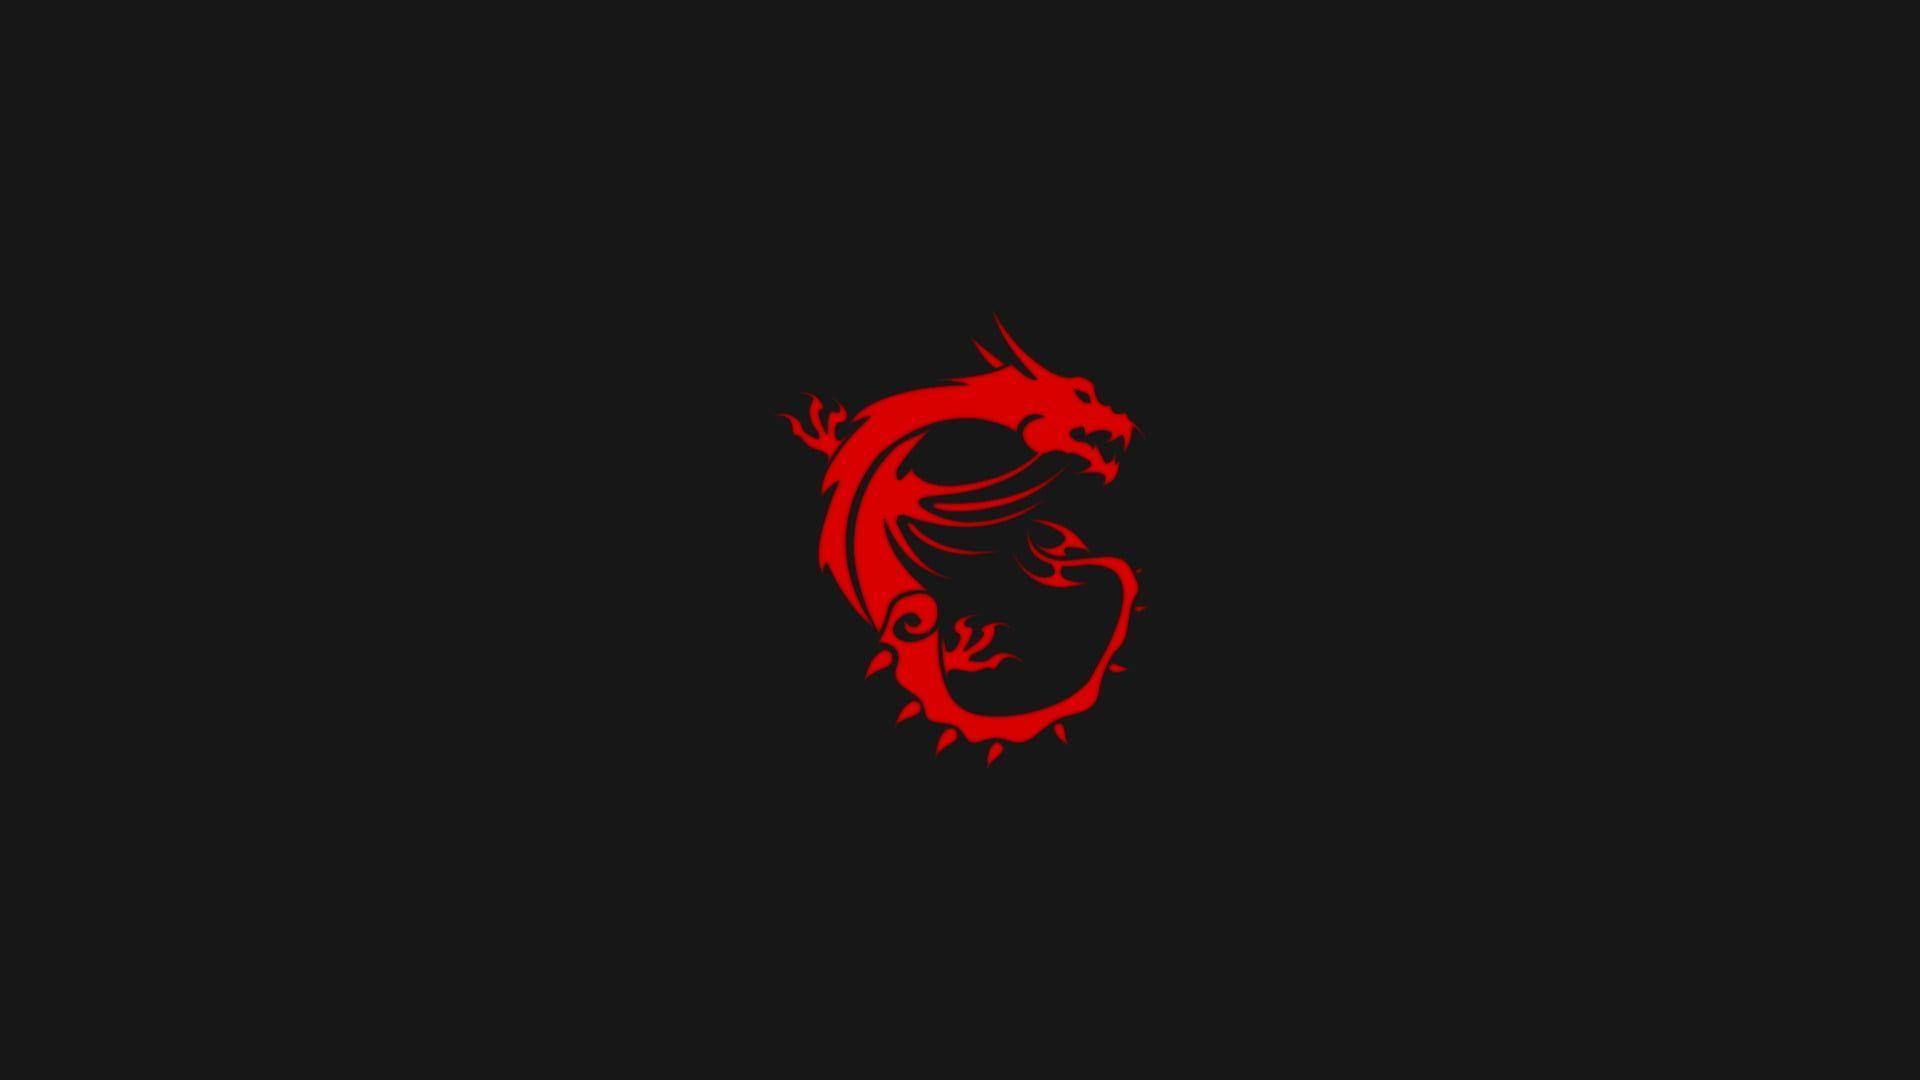 Red Dragon Digital Wallpaper Msi Simple Minimalism Computer Logo Dragon 1080p Wallpaper Hdwallpaper Deskto In 2020 Computer Logo Dragon Illustration Art Logo